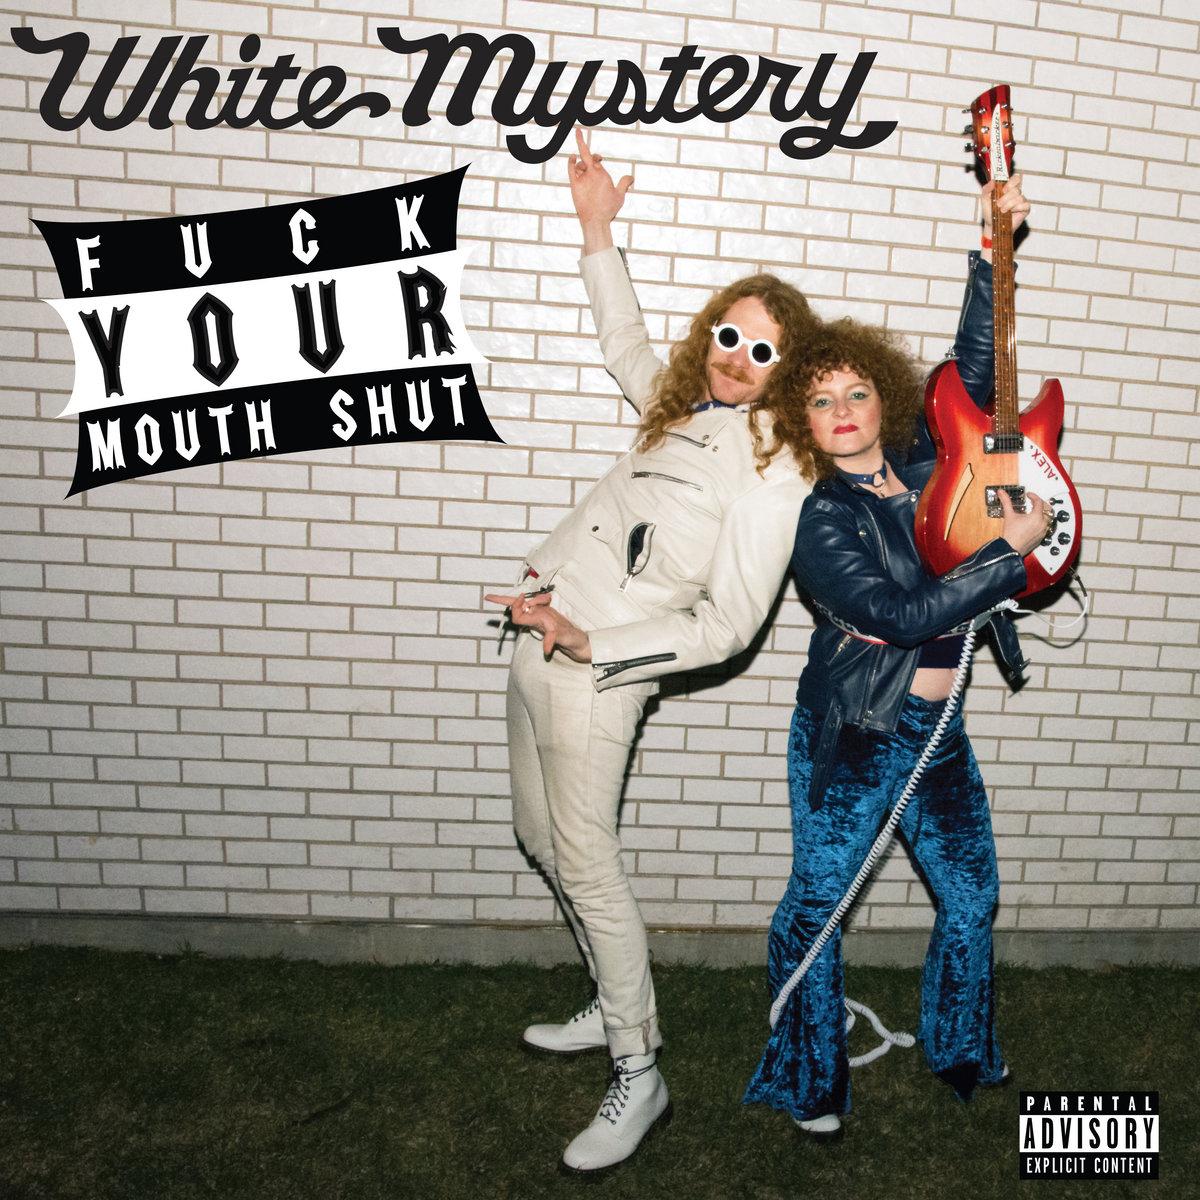 White shut